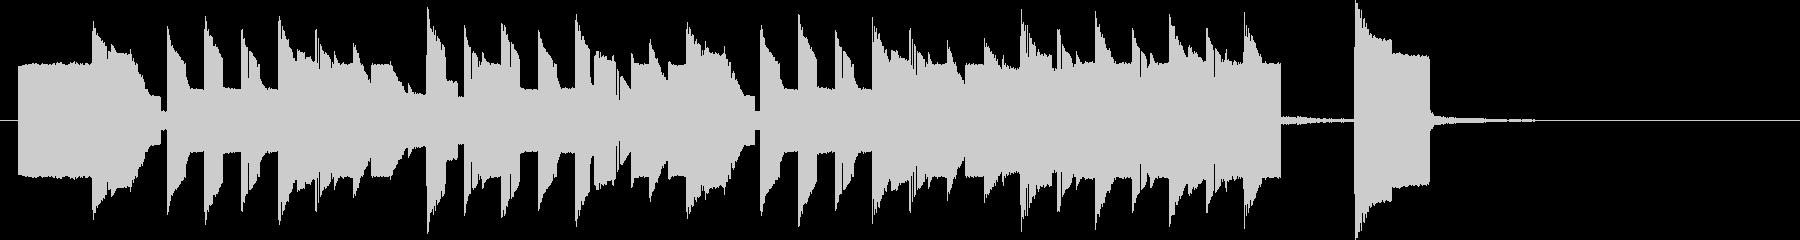 8bitゲームBGM風のジングルの未再生の波形